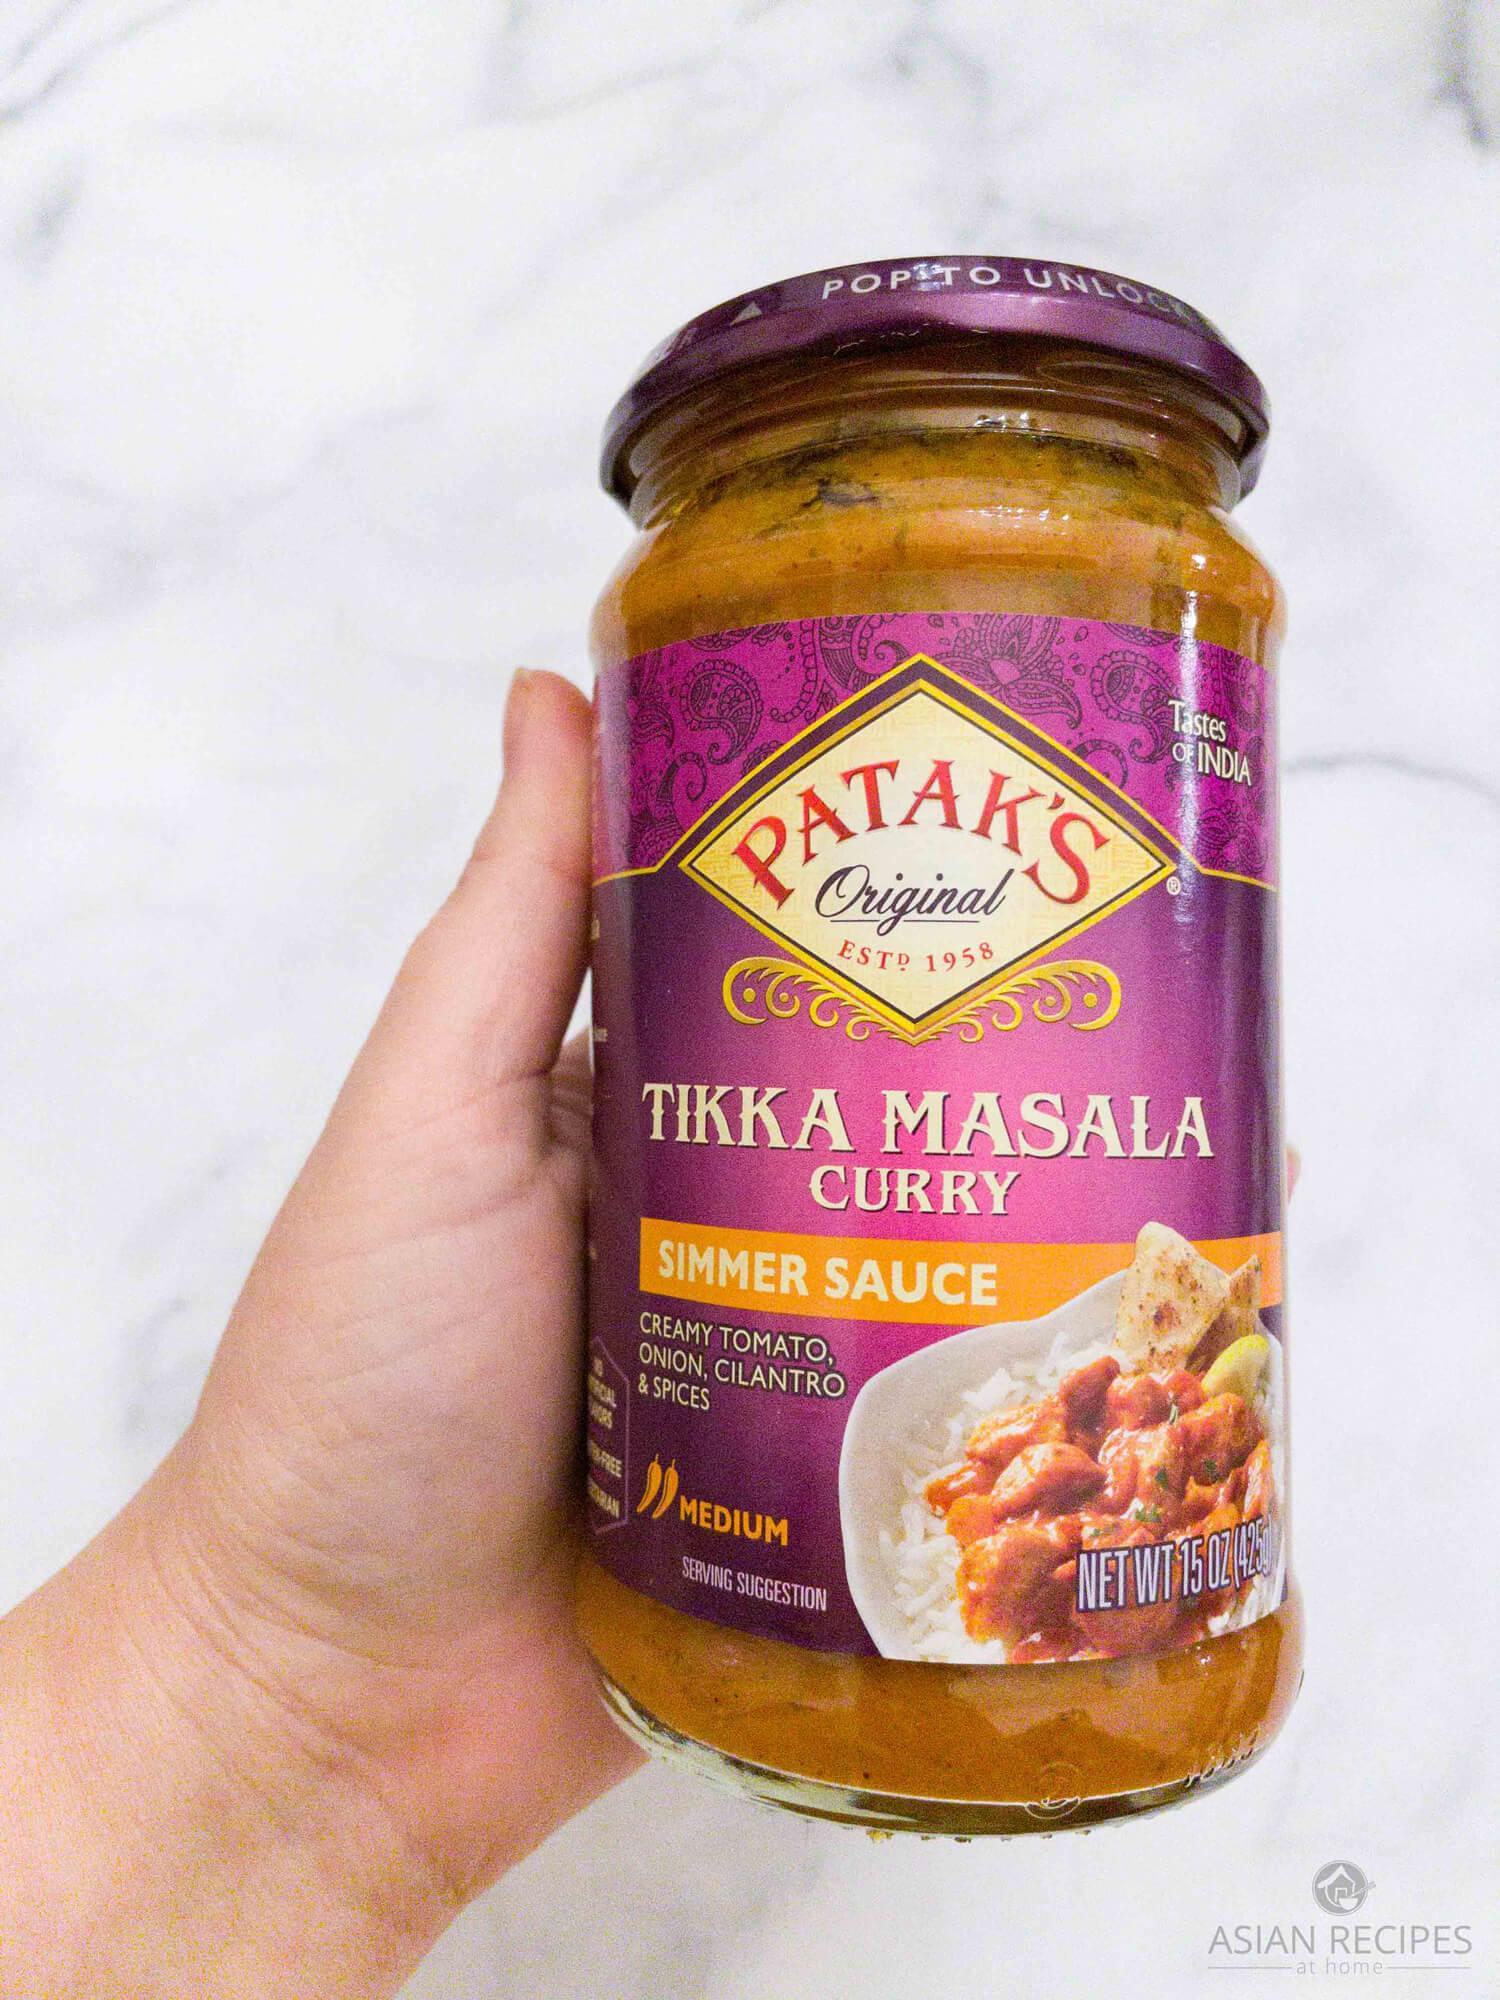 A store-bought jar of Patak's Tikka Masala Curry